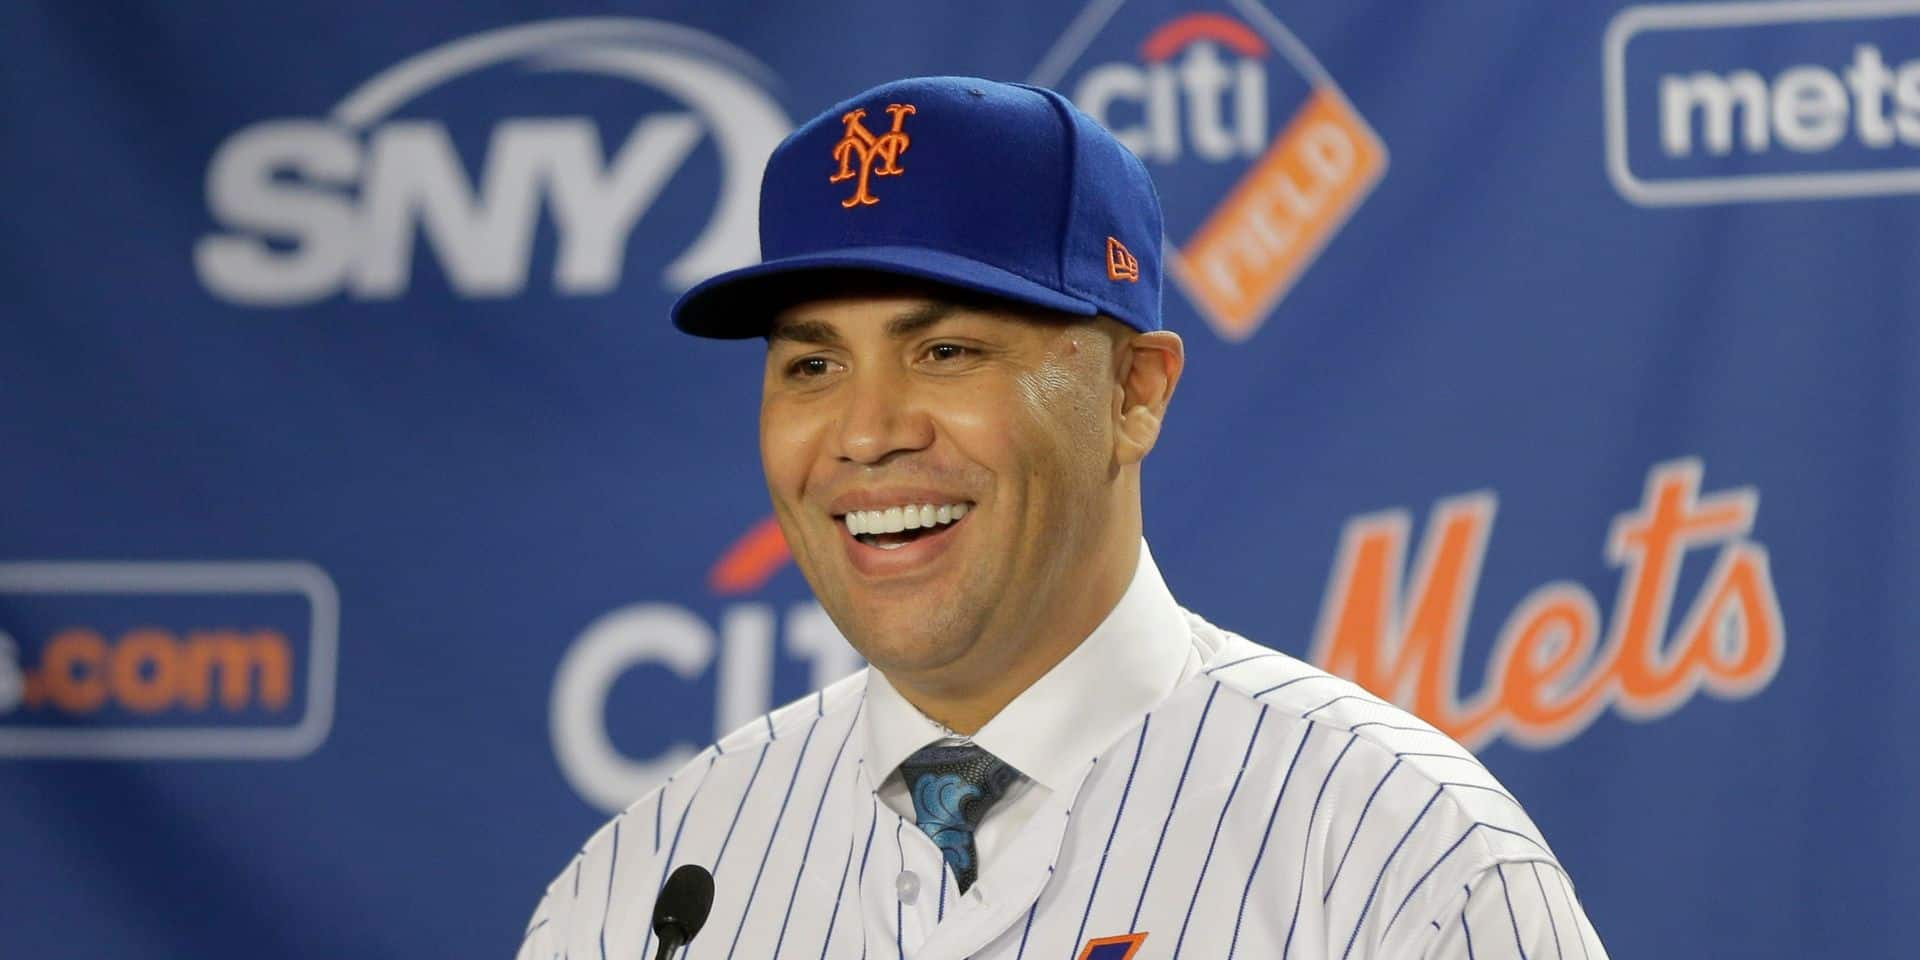 Le manager des New York Mets également licencié dans le scandale d'espionnage